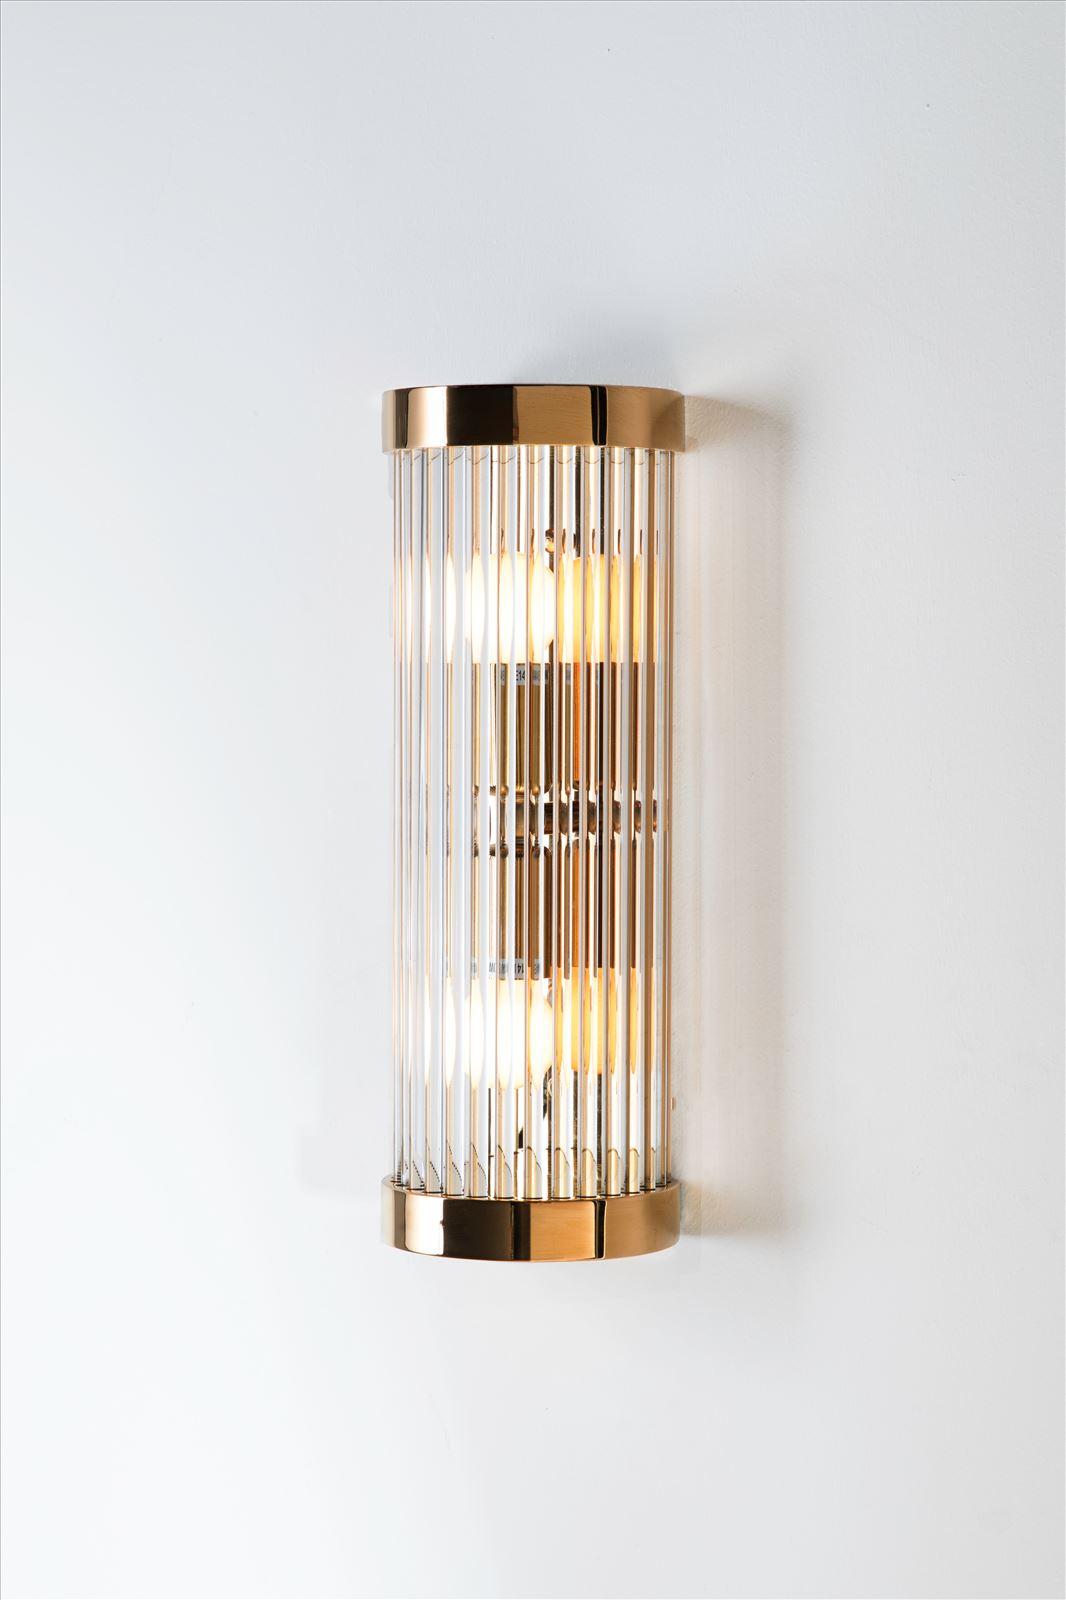 גופי תאורה בקטגוריית: מנורות קיר  ,שם המוצר: Tubino transparent